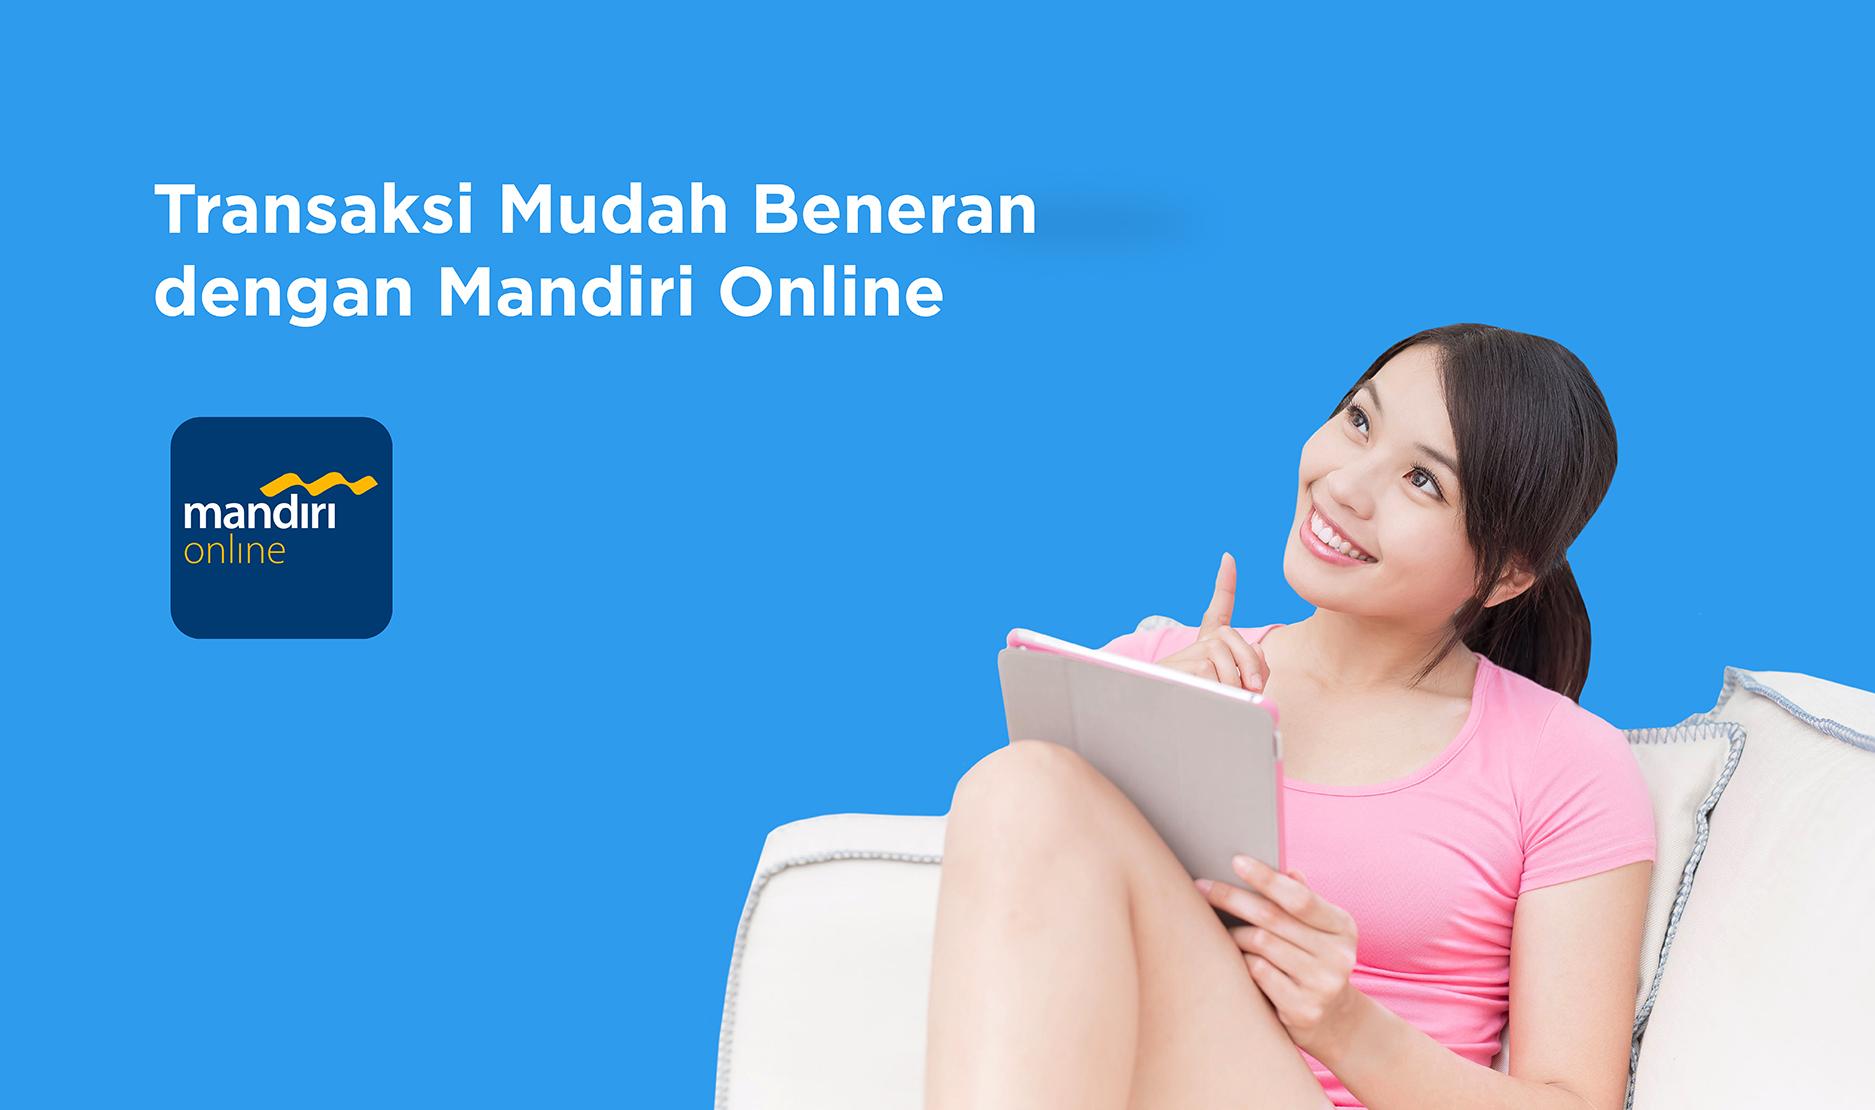 Transaksi Mudah Beneran Dengan Mandiri Online